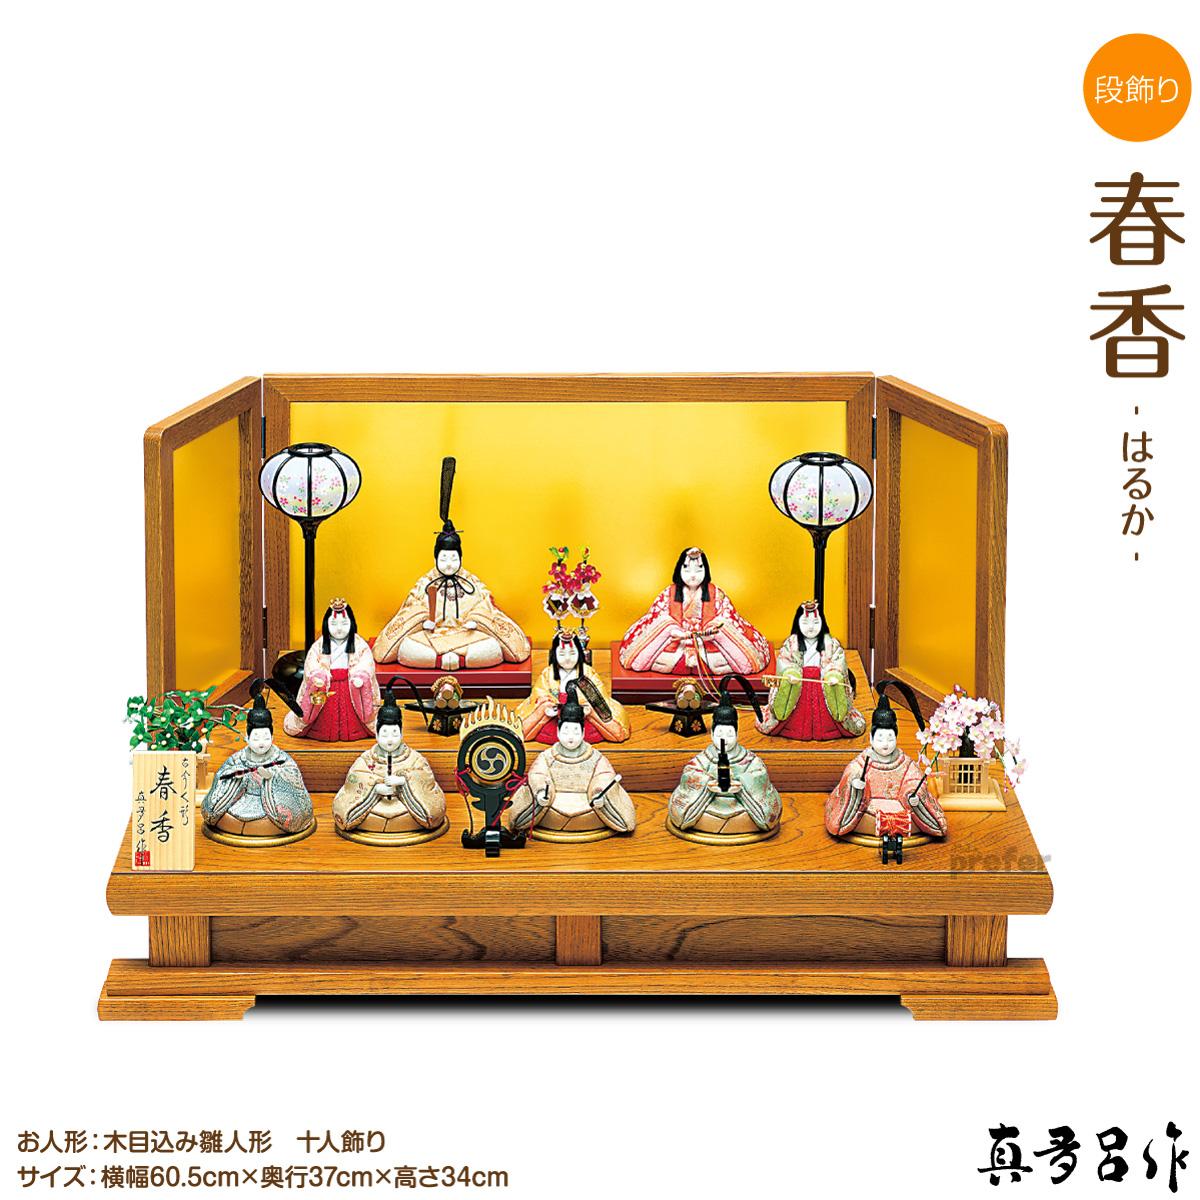 雛人形 木目込み 真多呂作春香(はるか) 10人揃 おひなさま 特選